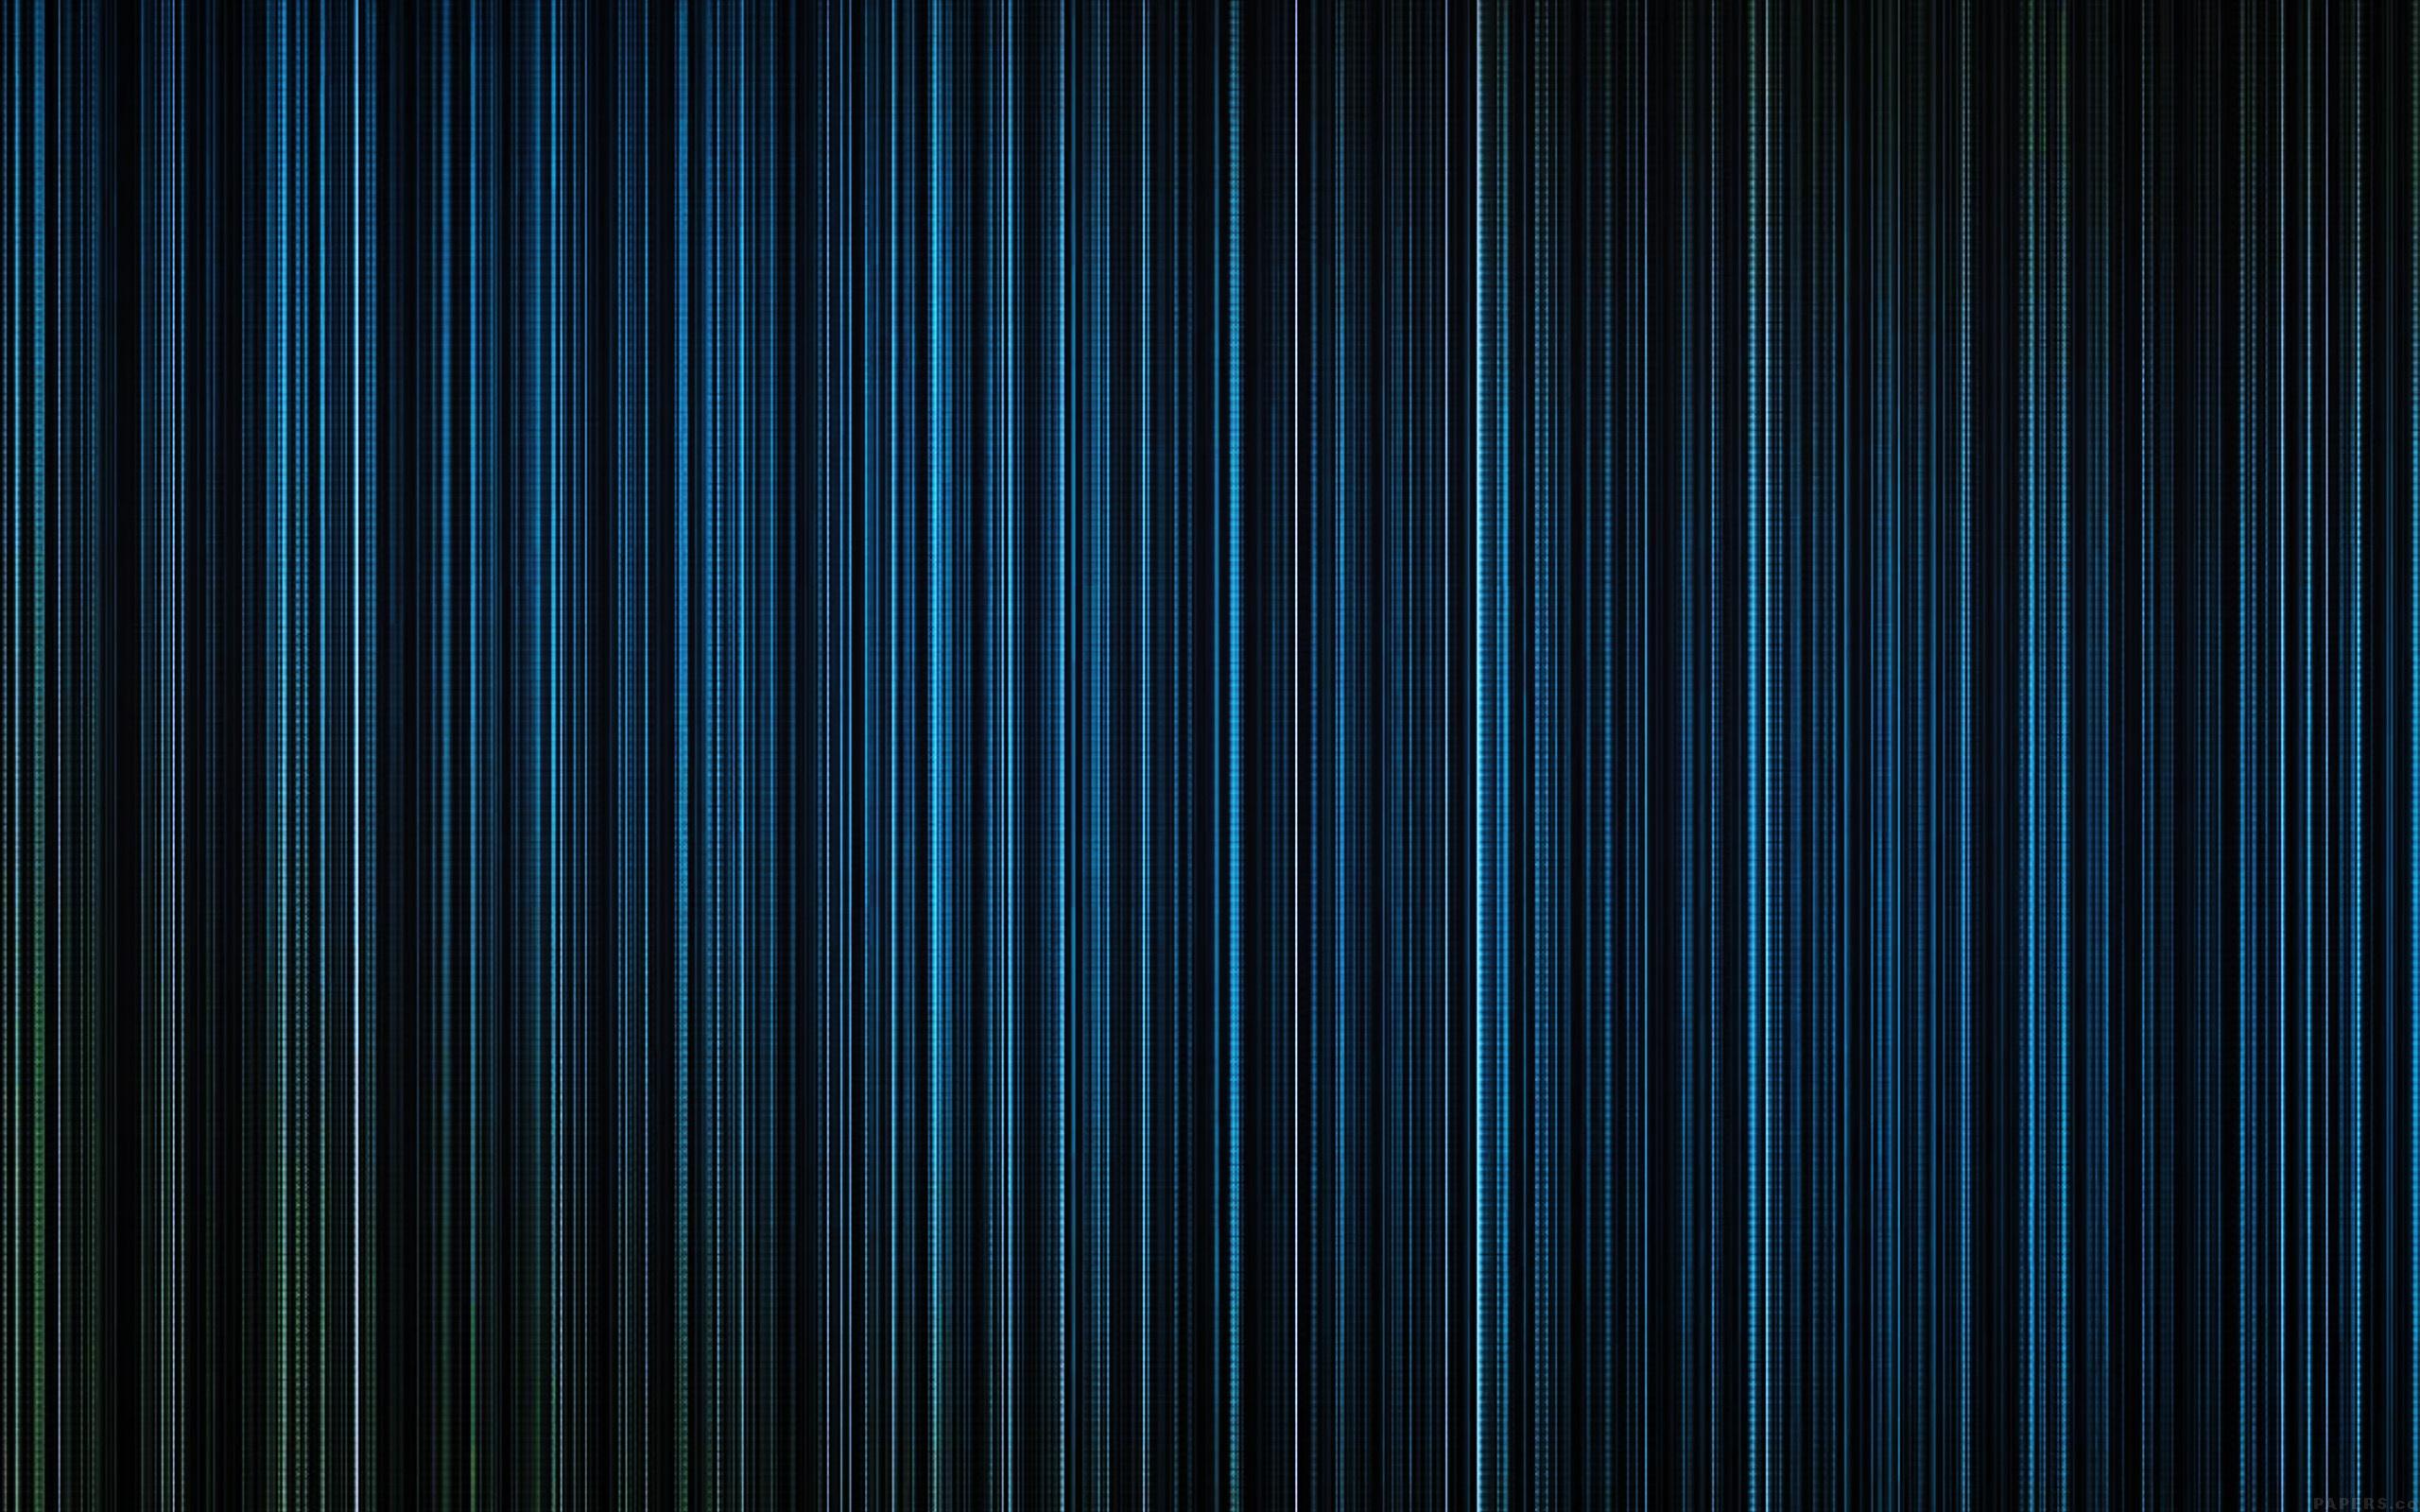 Abstract Lines Desktop